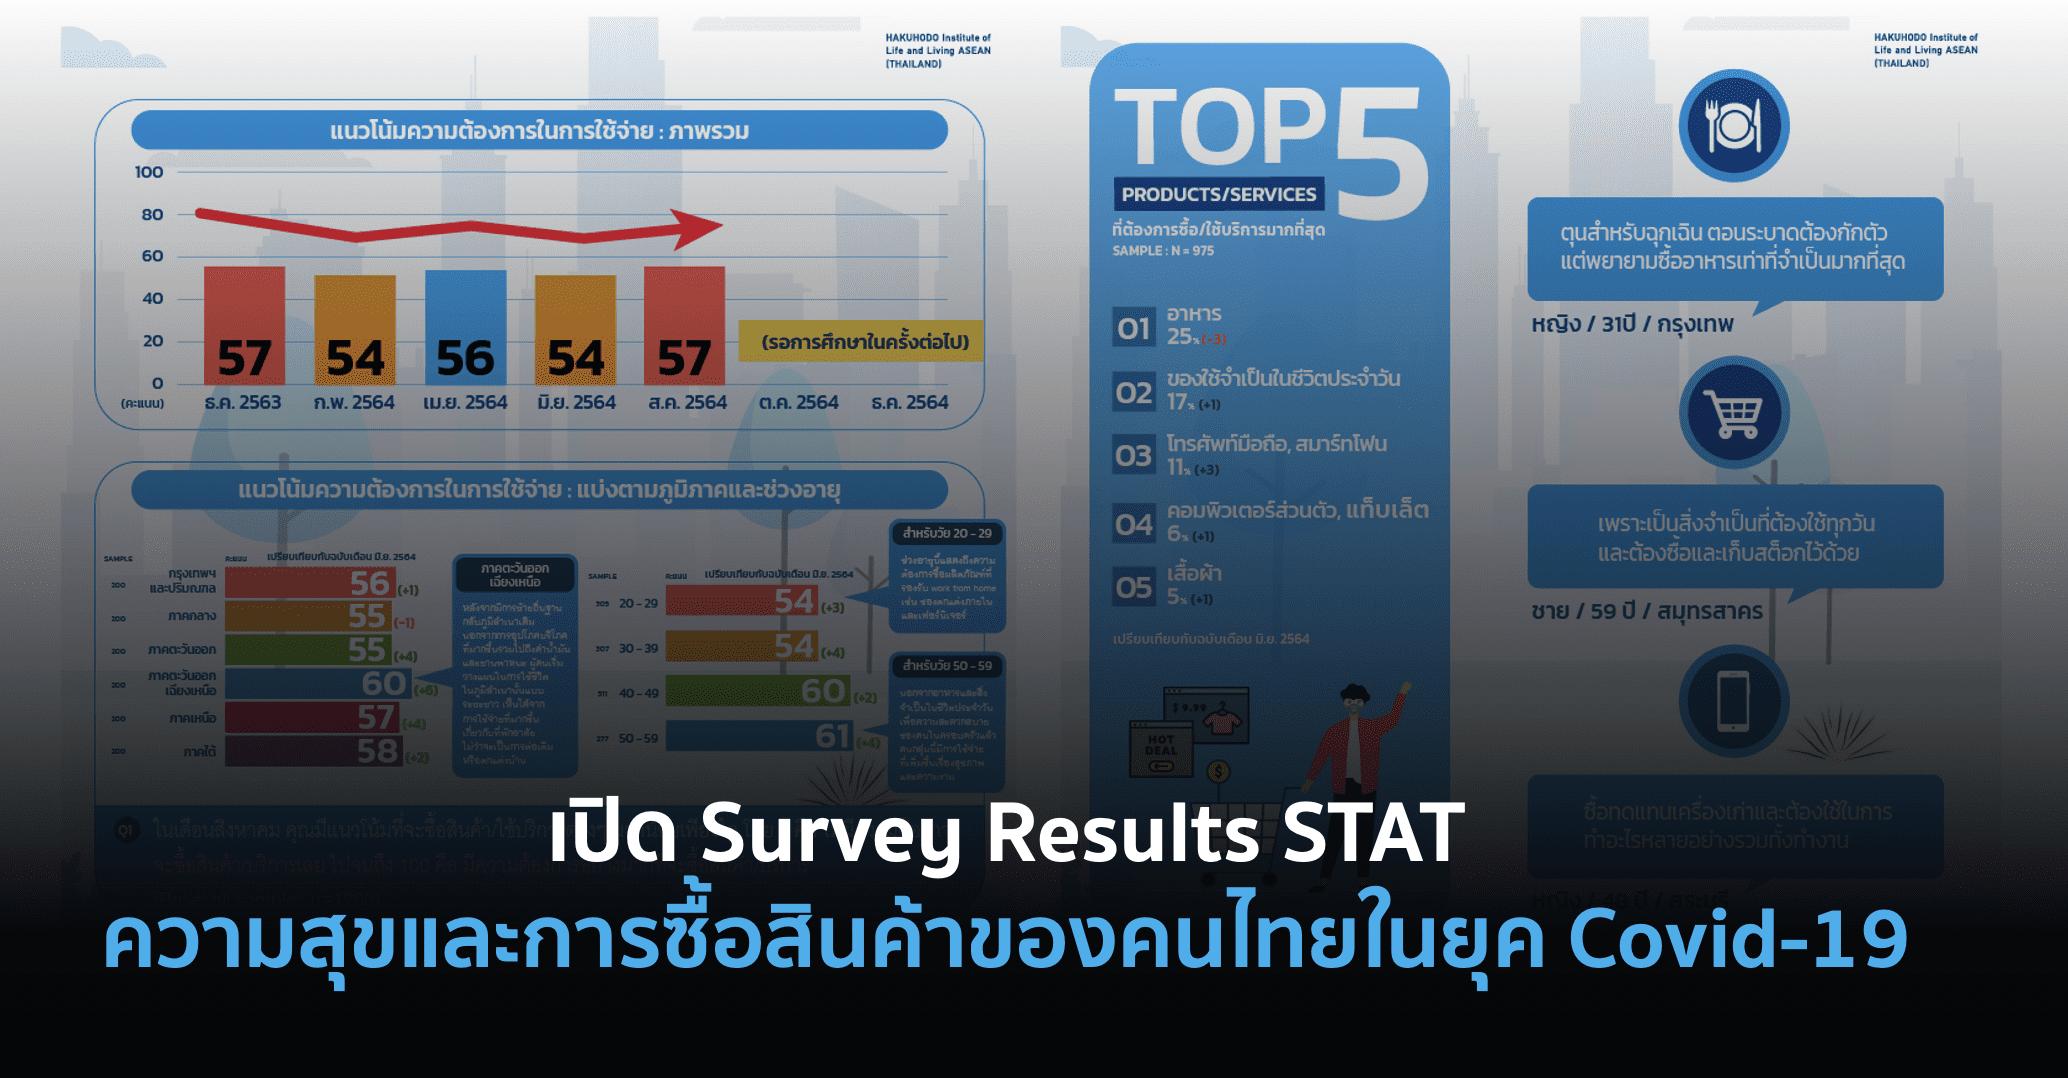 เปิด Survey Results STAT ความสุขและการซื้อสินค้าของคนไทยในยุค Covid-19